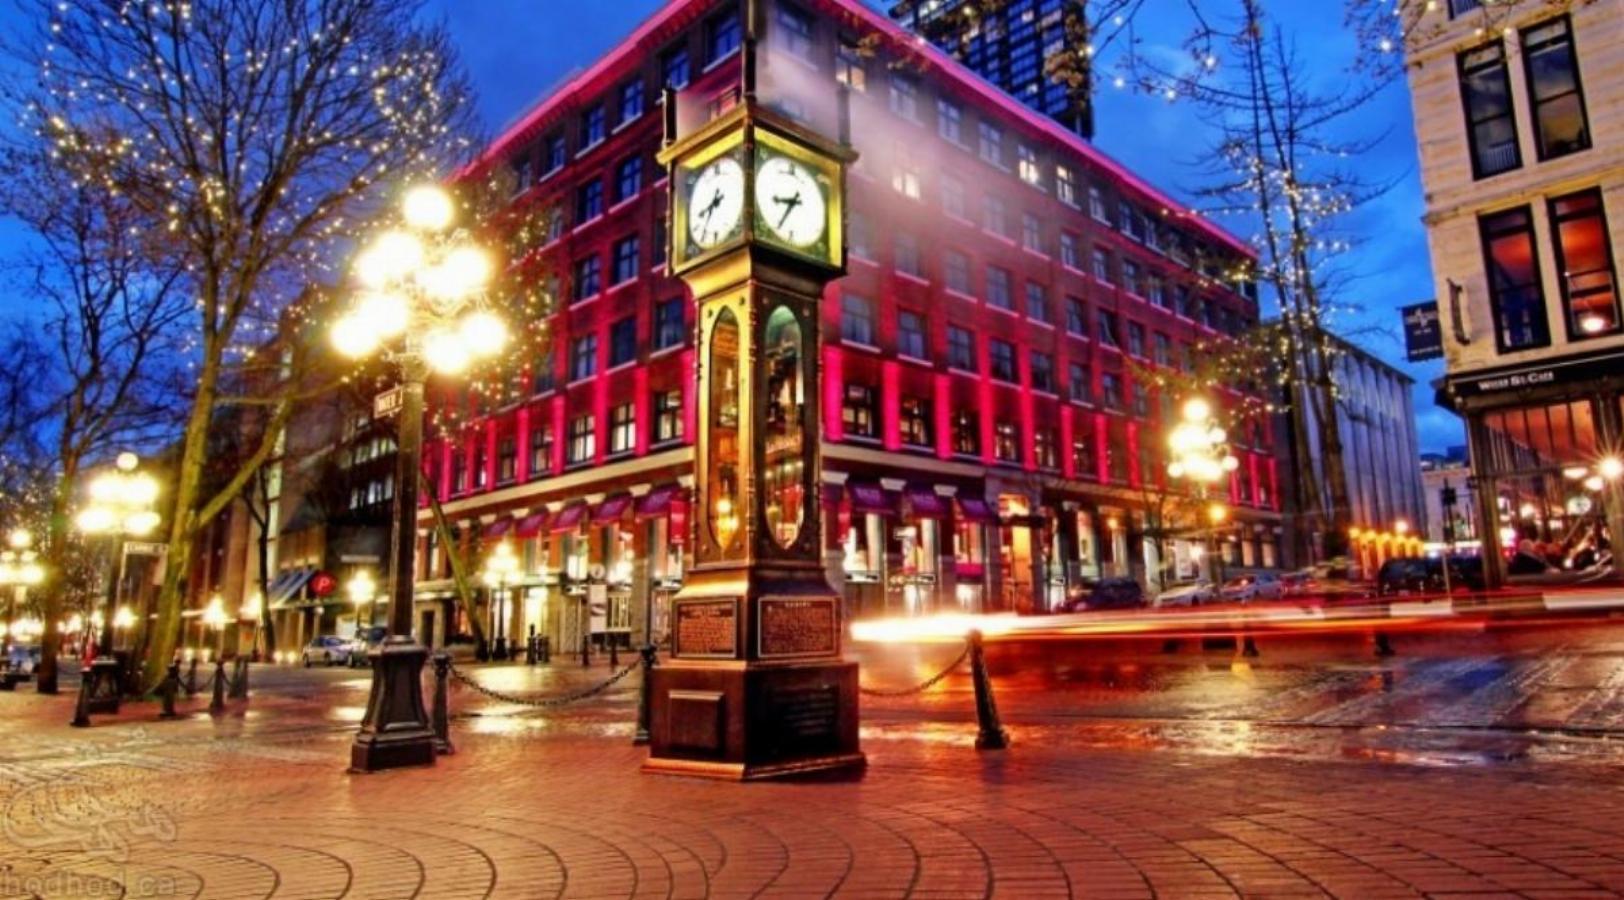 جاذبه های گردشگری کانادا: گاس تاون ونکوور